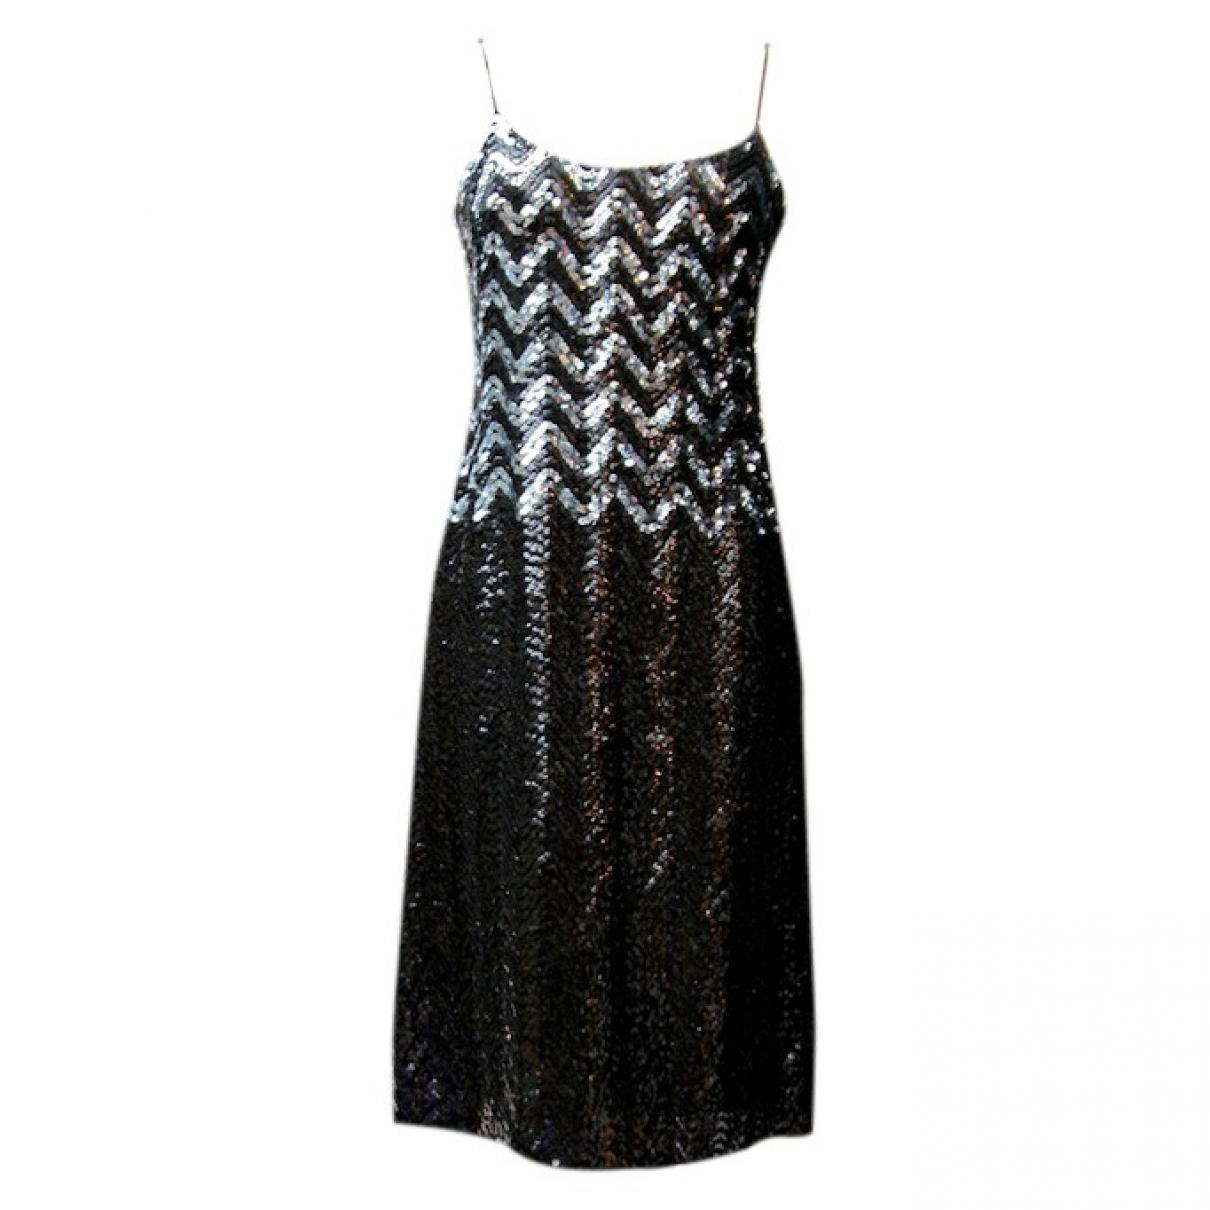 Louis Feraud \N Black Glitter dress for Women 38 FR